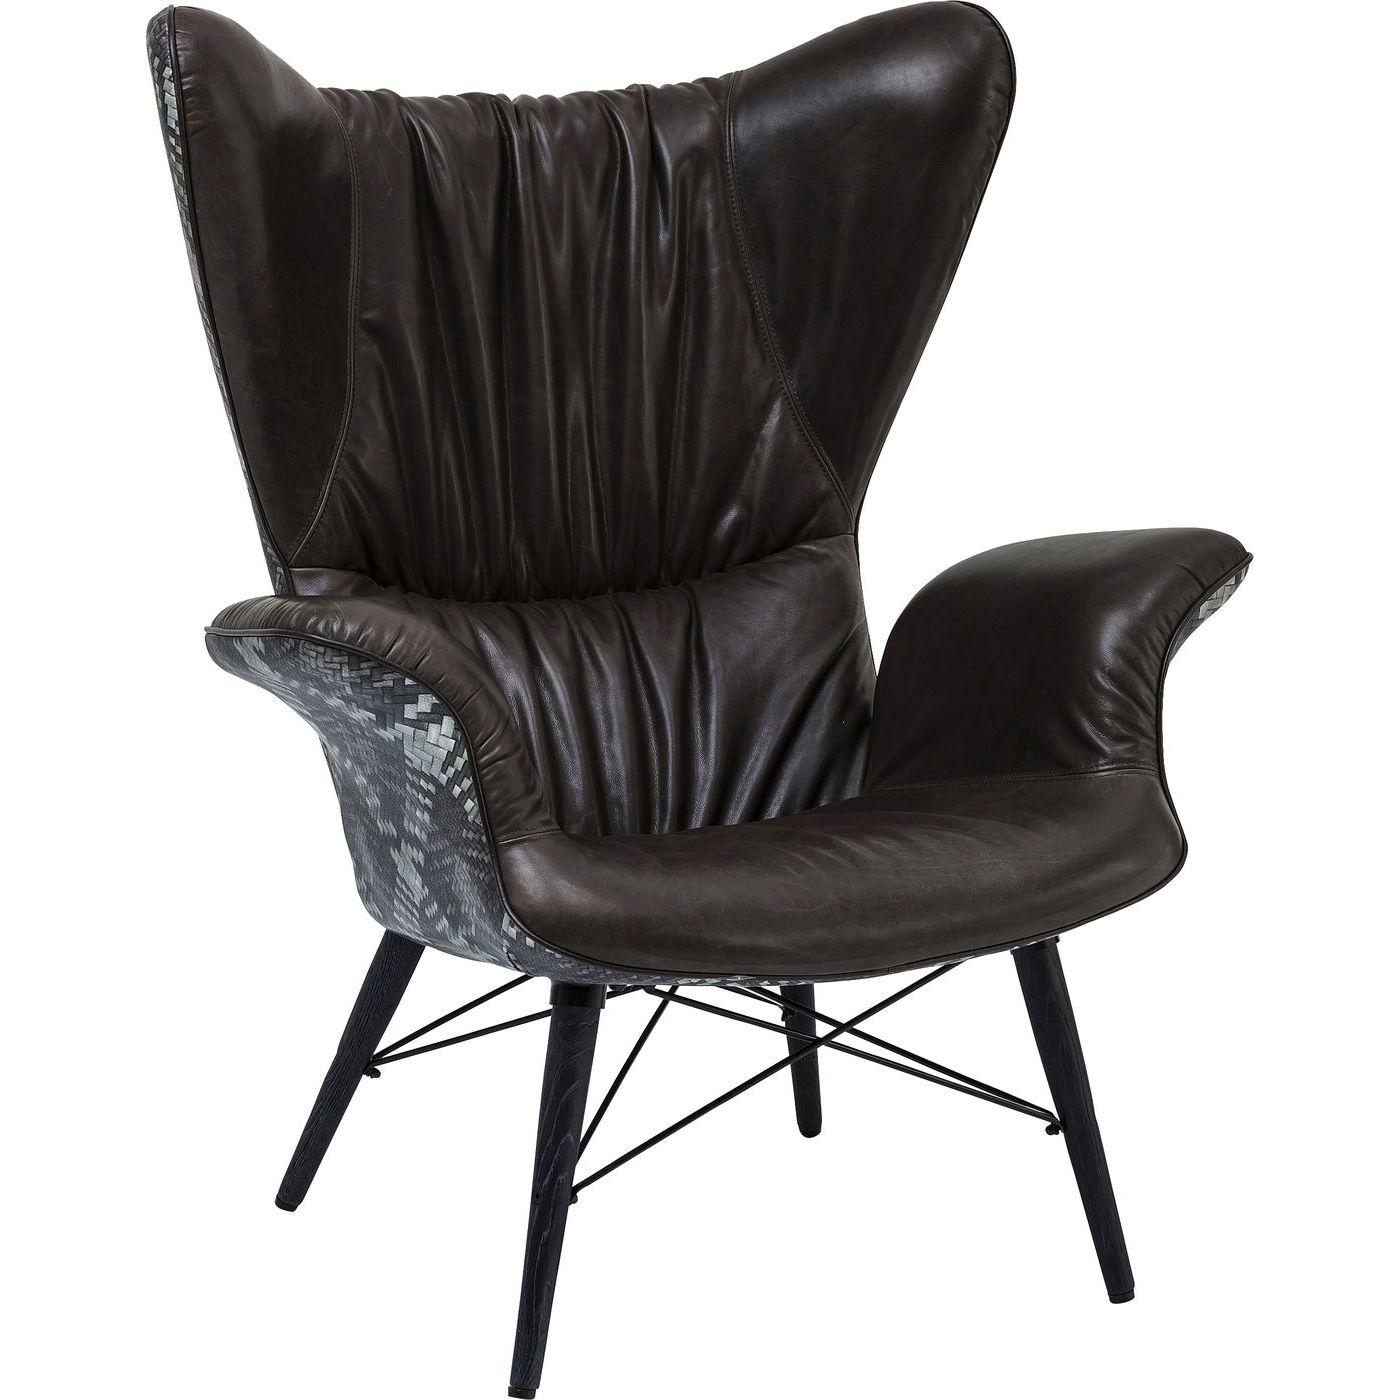 Billede af Kare Design Hvilestol m. Armlæn, Wall Street